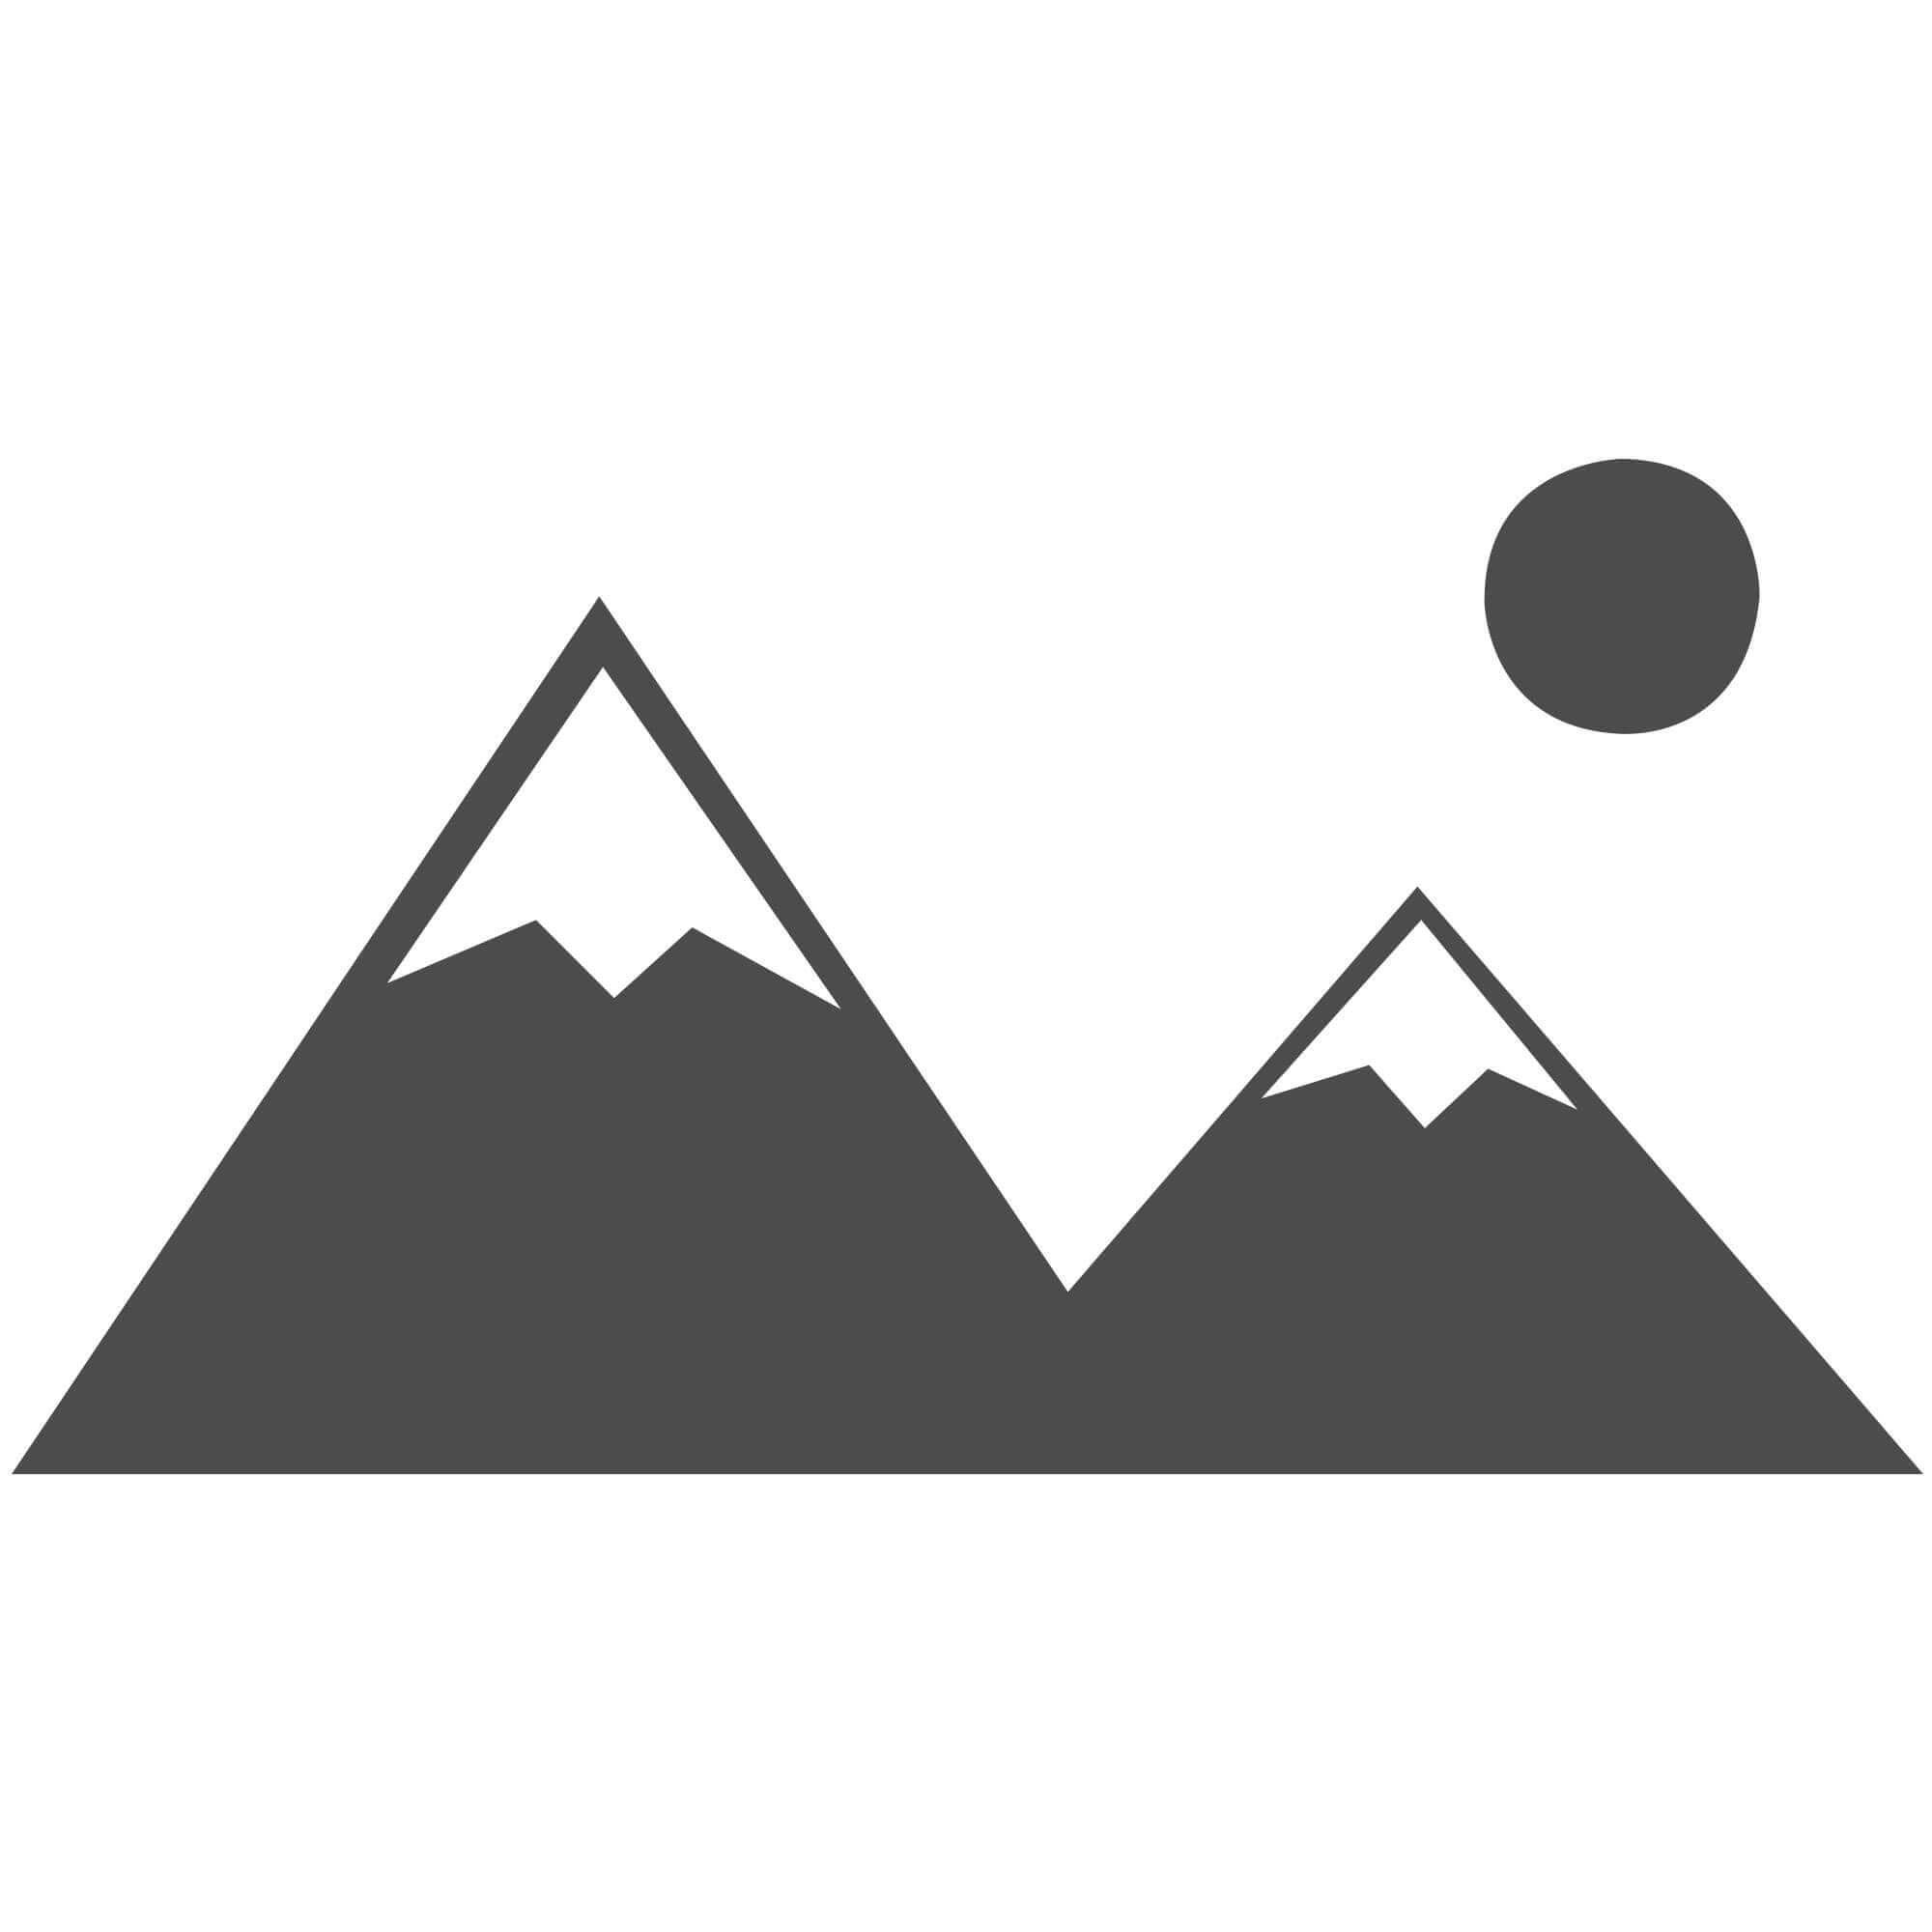 Royal Traditional Wool Rug - Green-Half Moon 67 x 137 cm